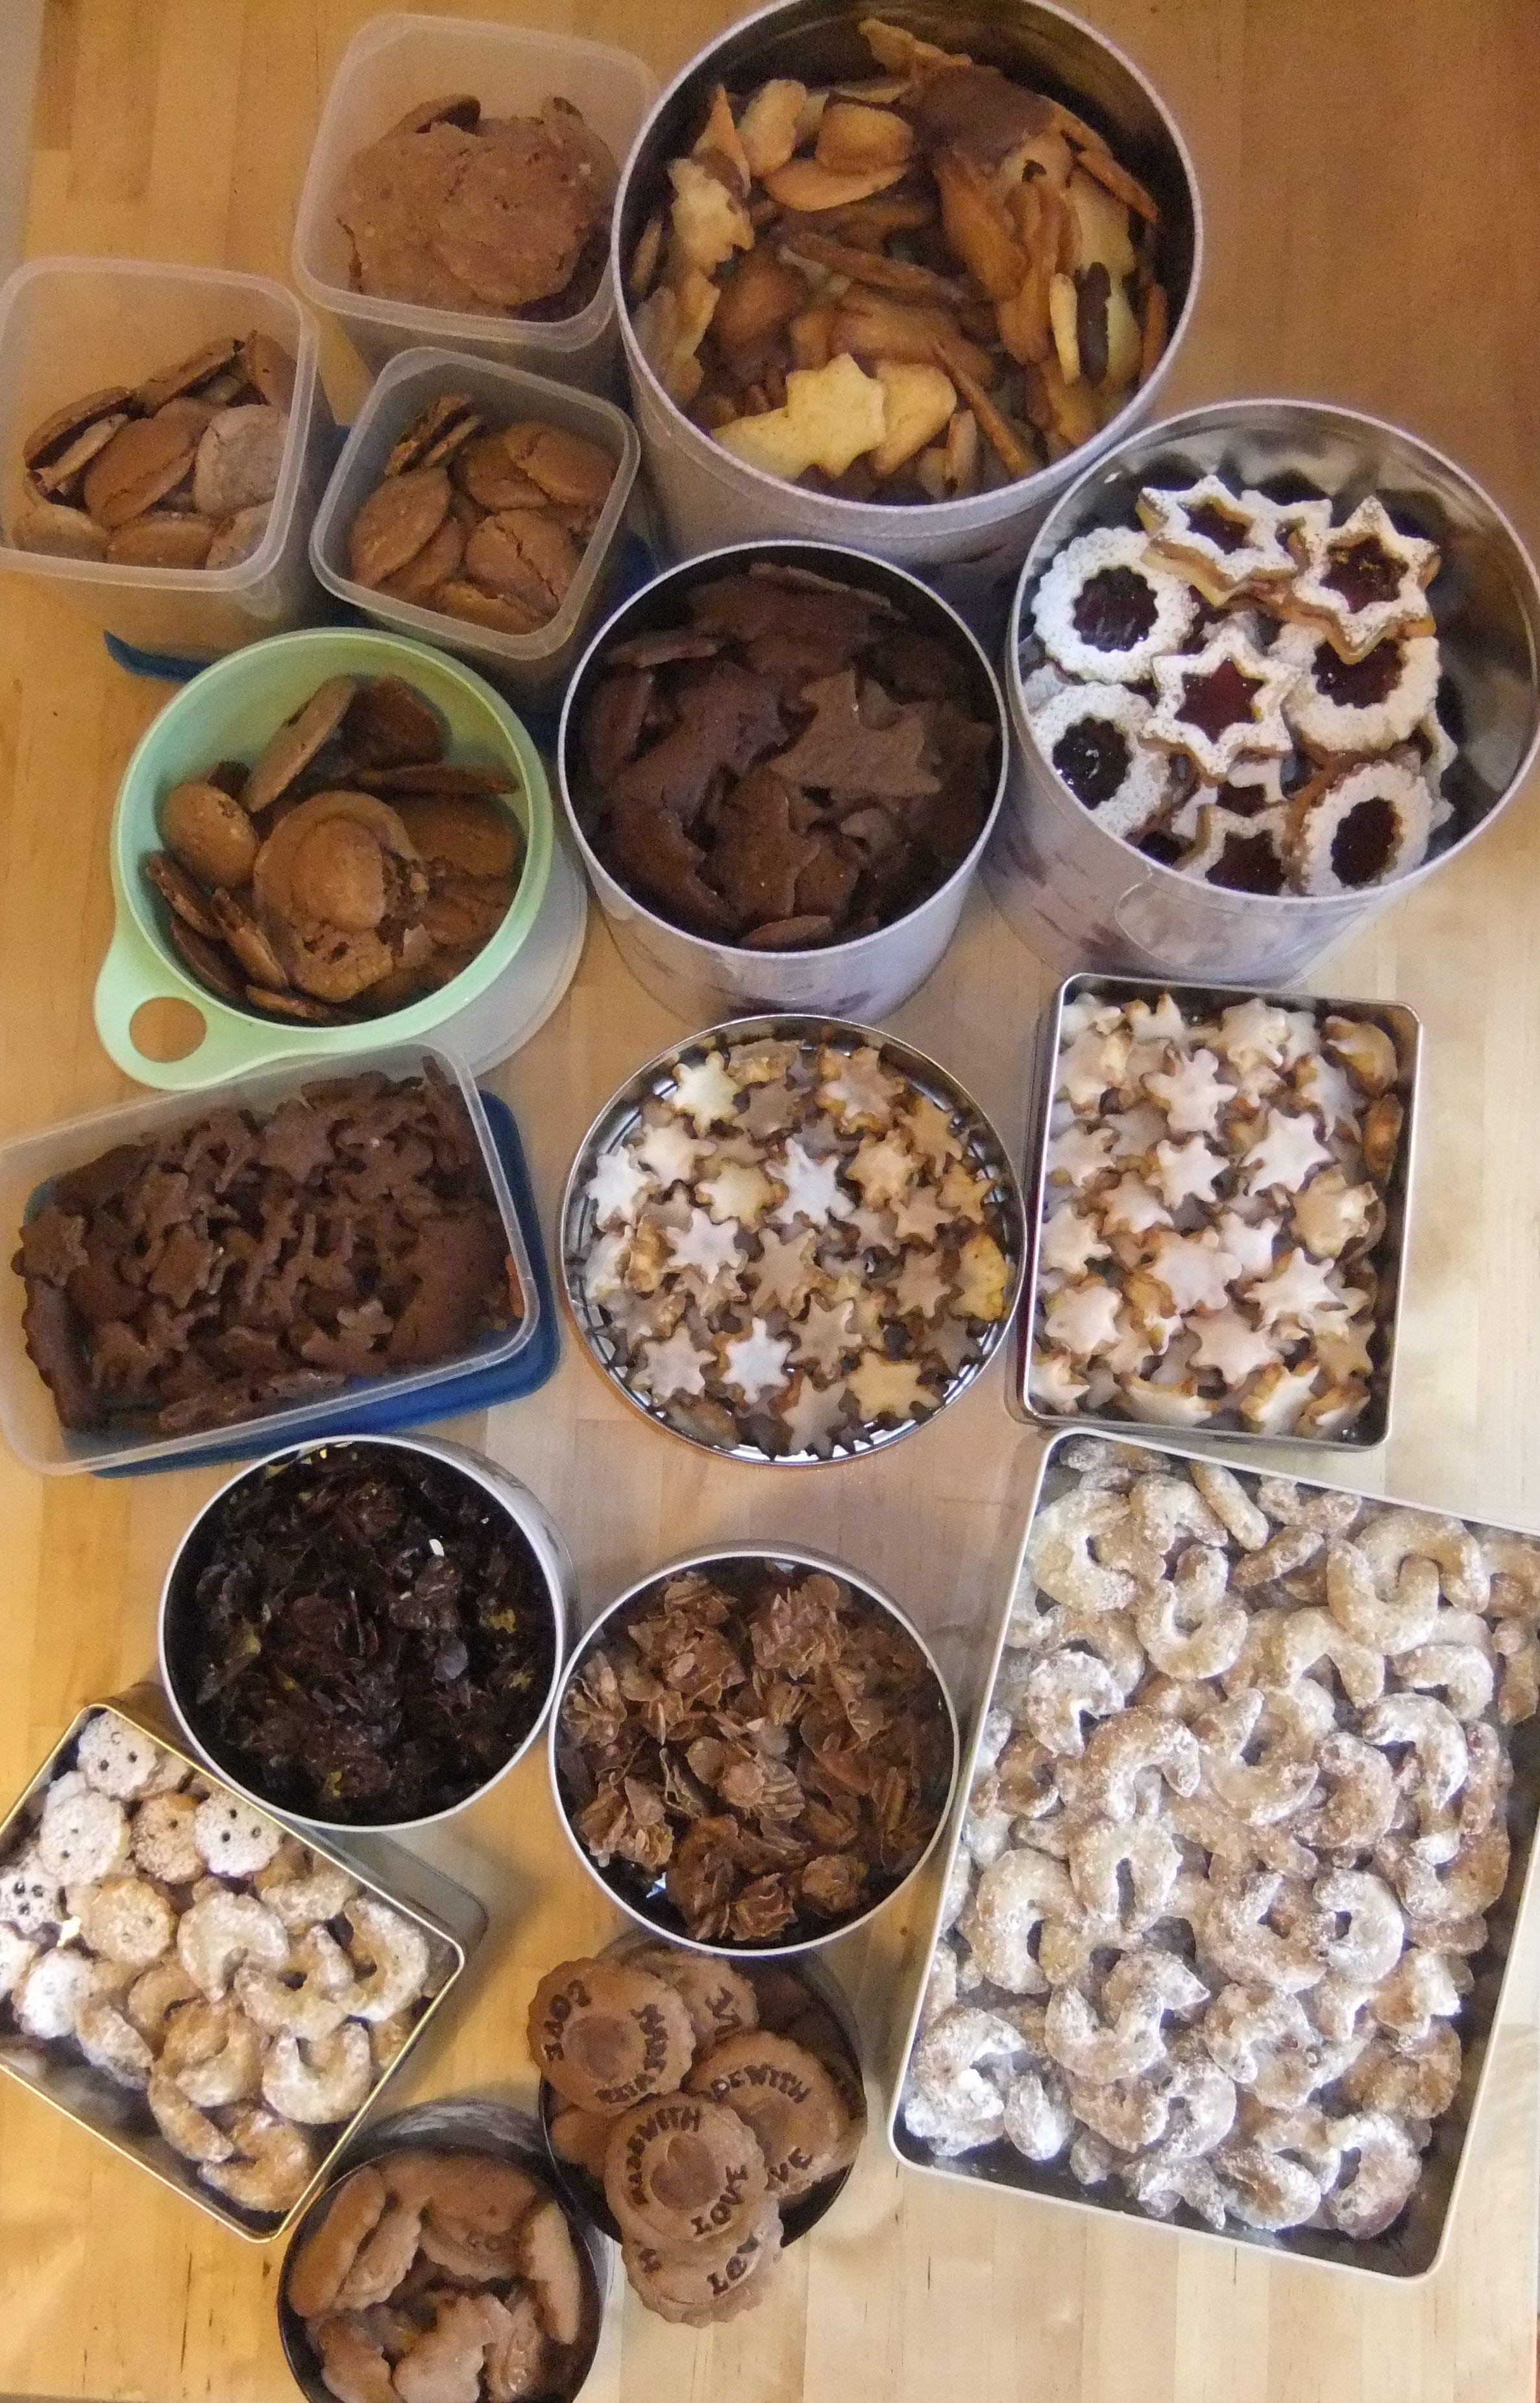 Deutsche Weihnachtsplätzchen.Assortment Of German Christmas Cookies Deutsche